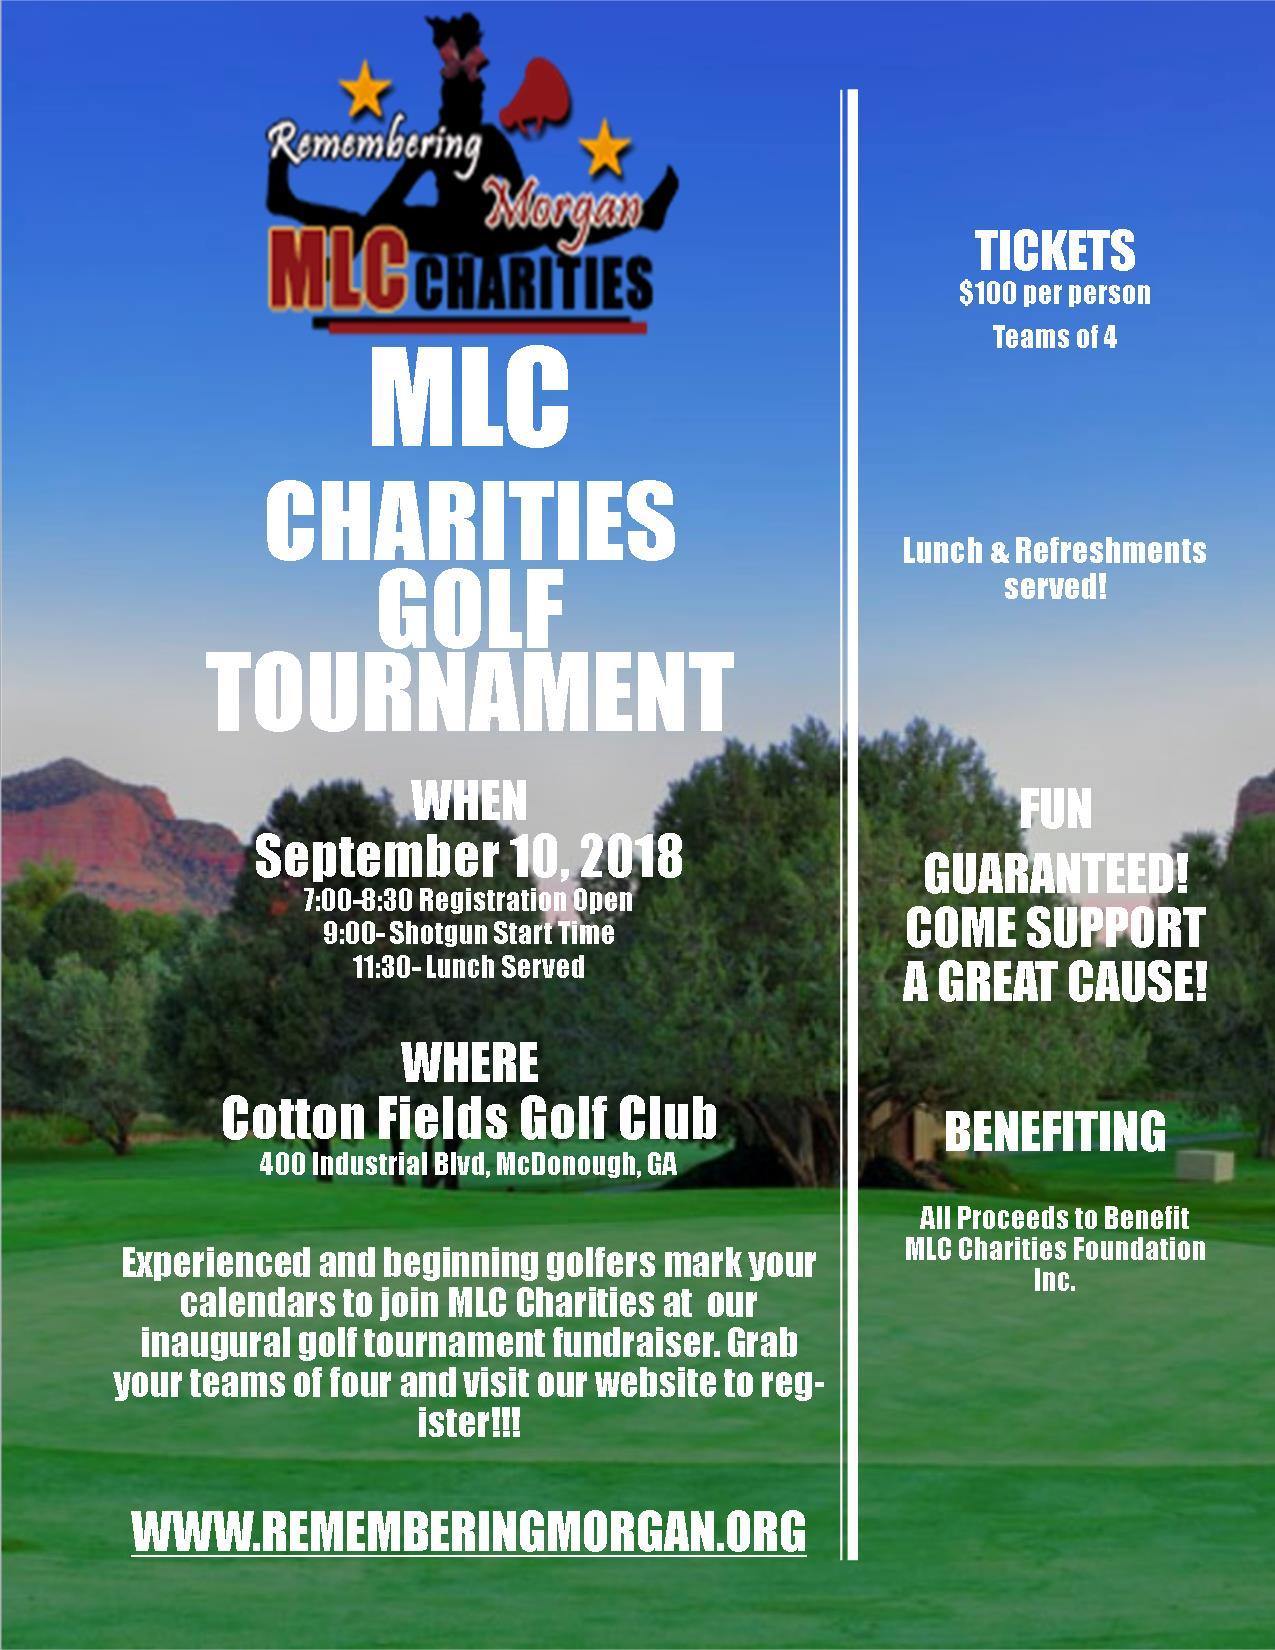 MLC Charities Golf Tournament - MLC Charities